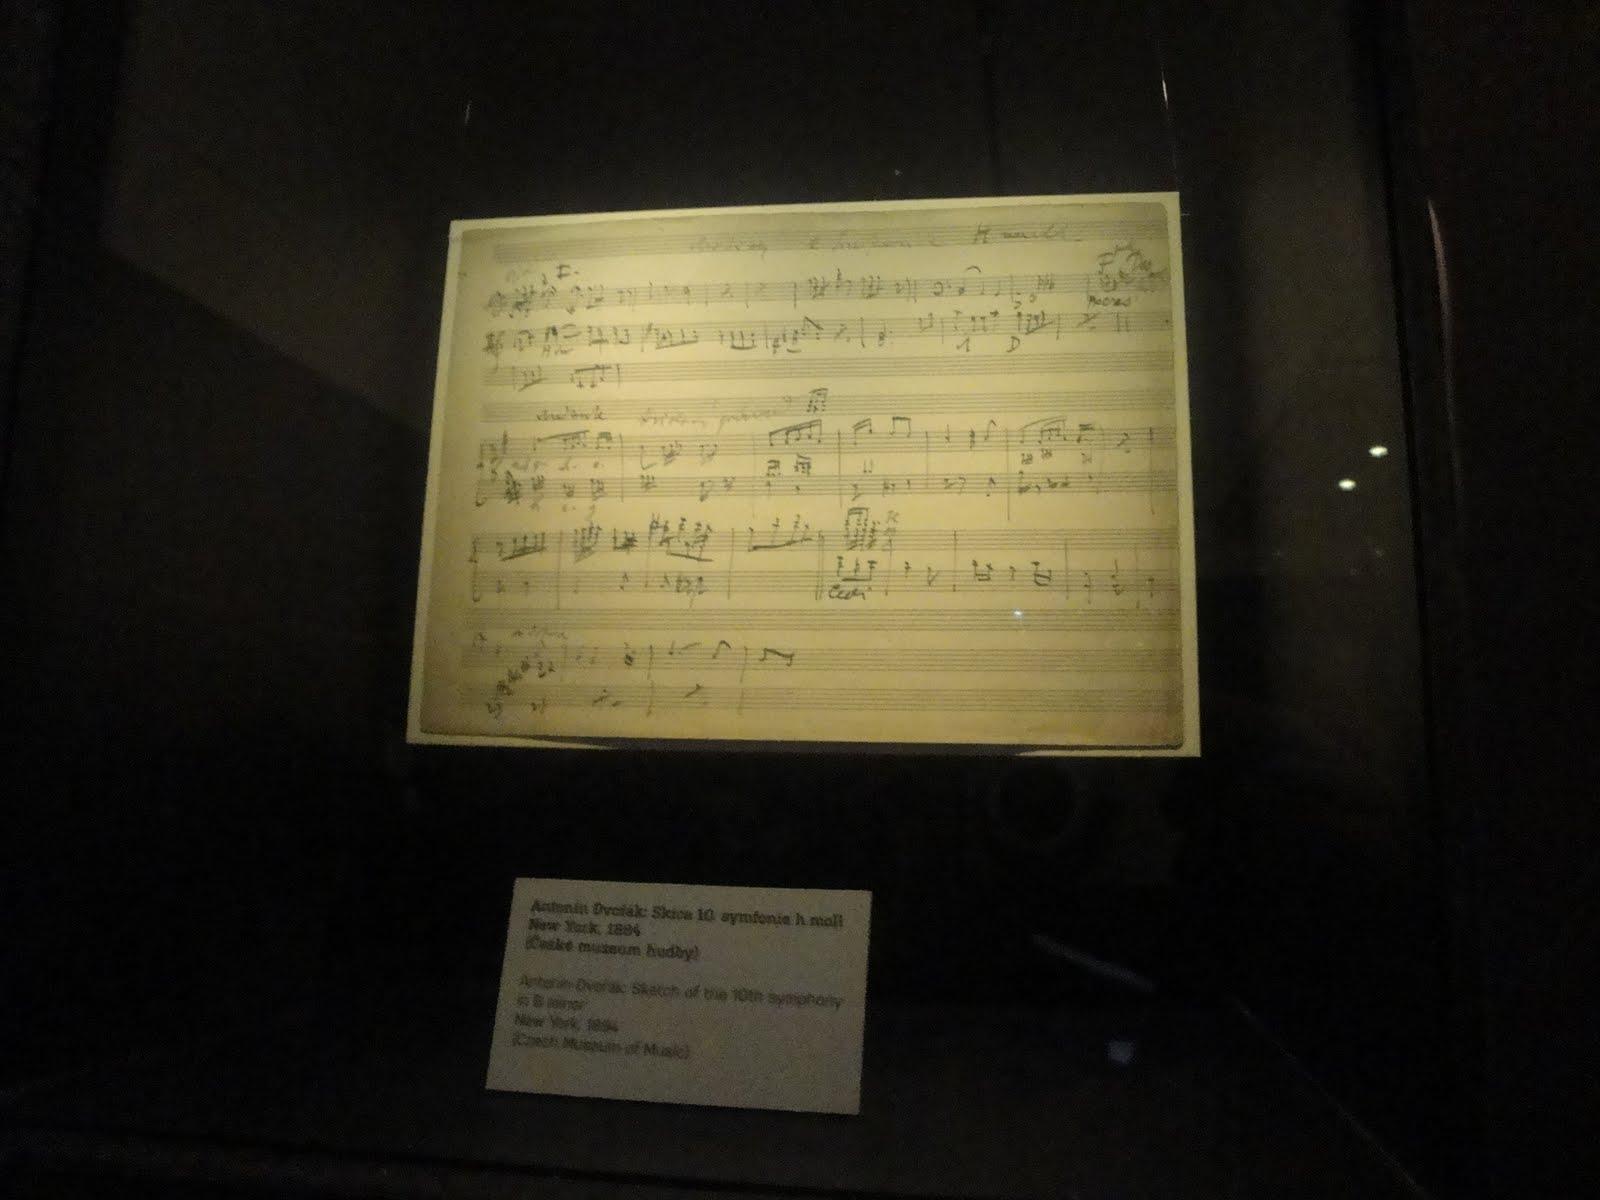 Díle antonína dvořáka - pozvánka do českého muzea hudby